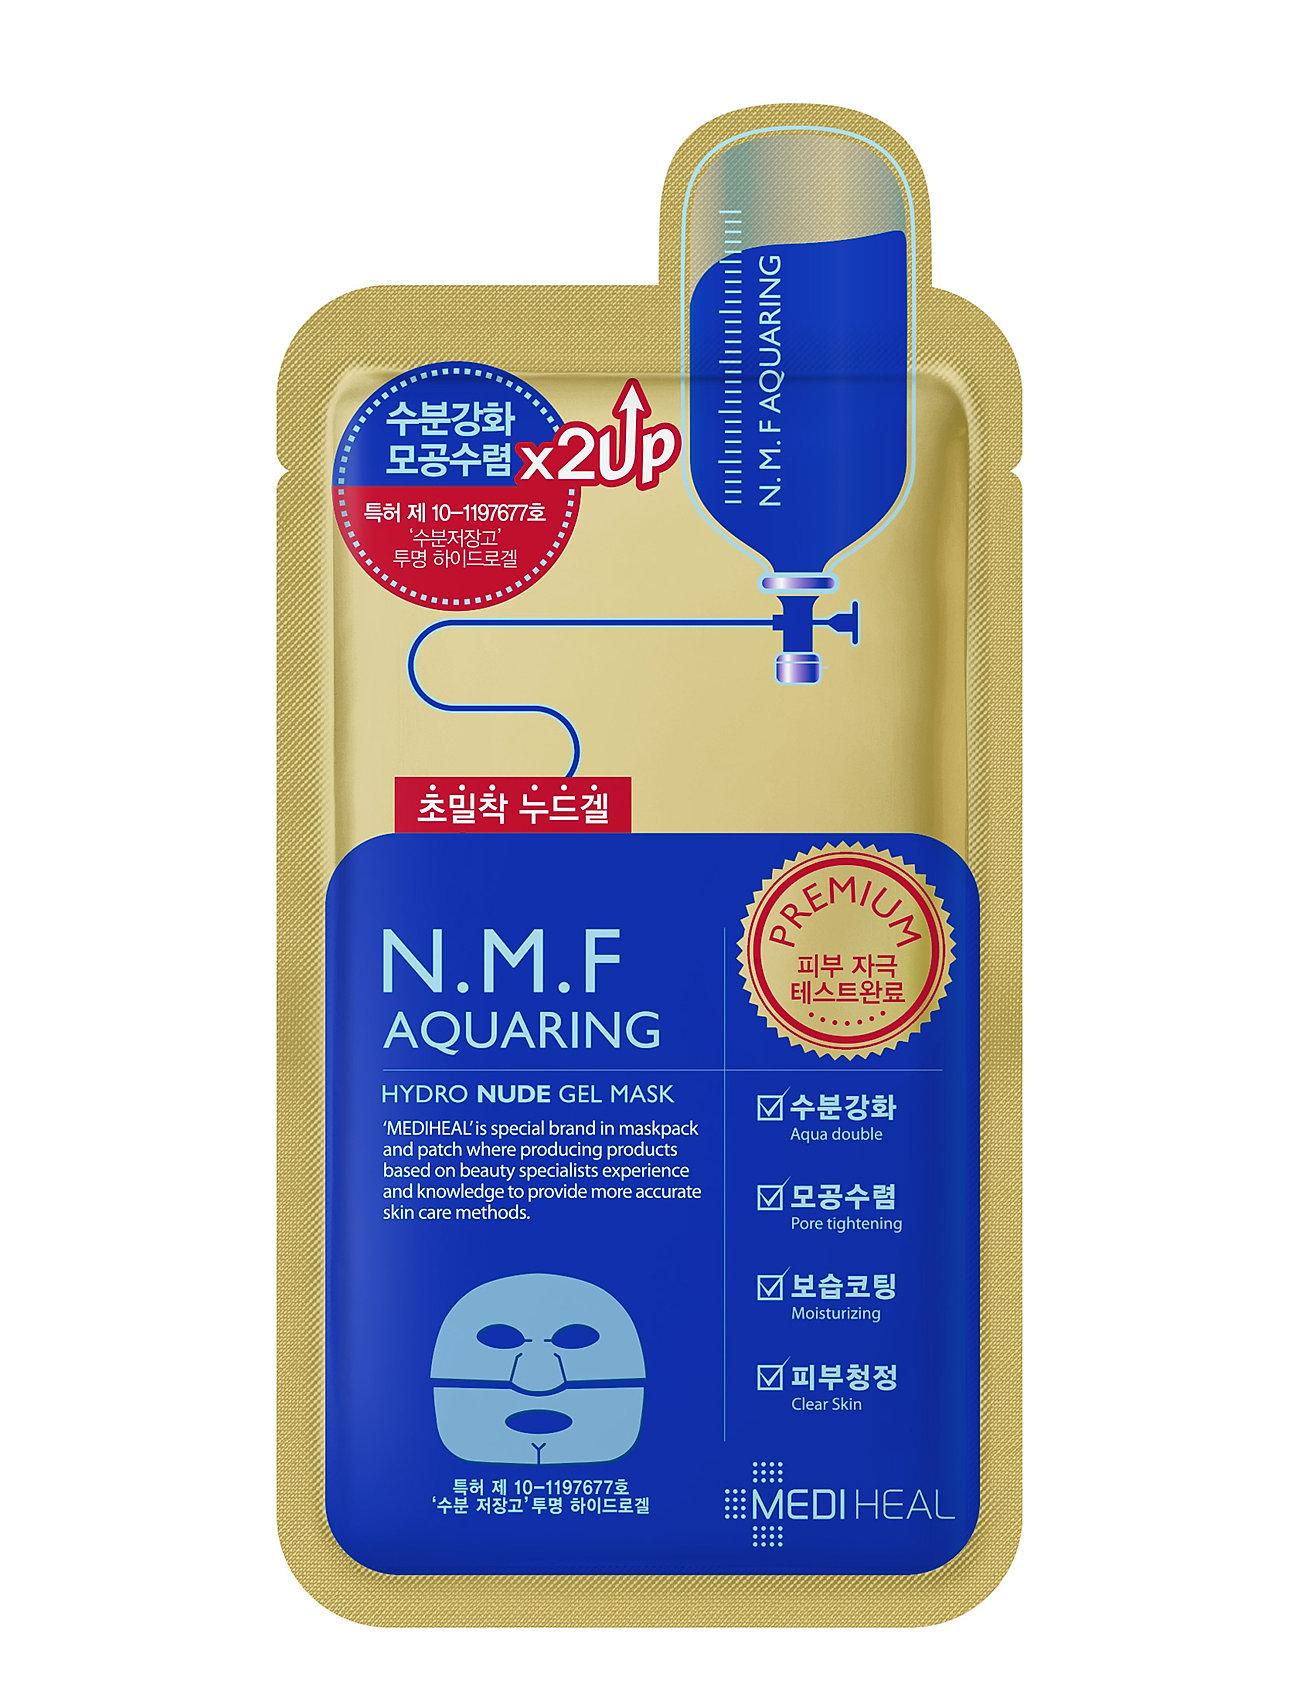 Image of Mediheal N.M.F Aquaring Nude Gel Mask Hudpleje Ansigtspleje Nude Mediheal (3413097005)